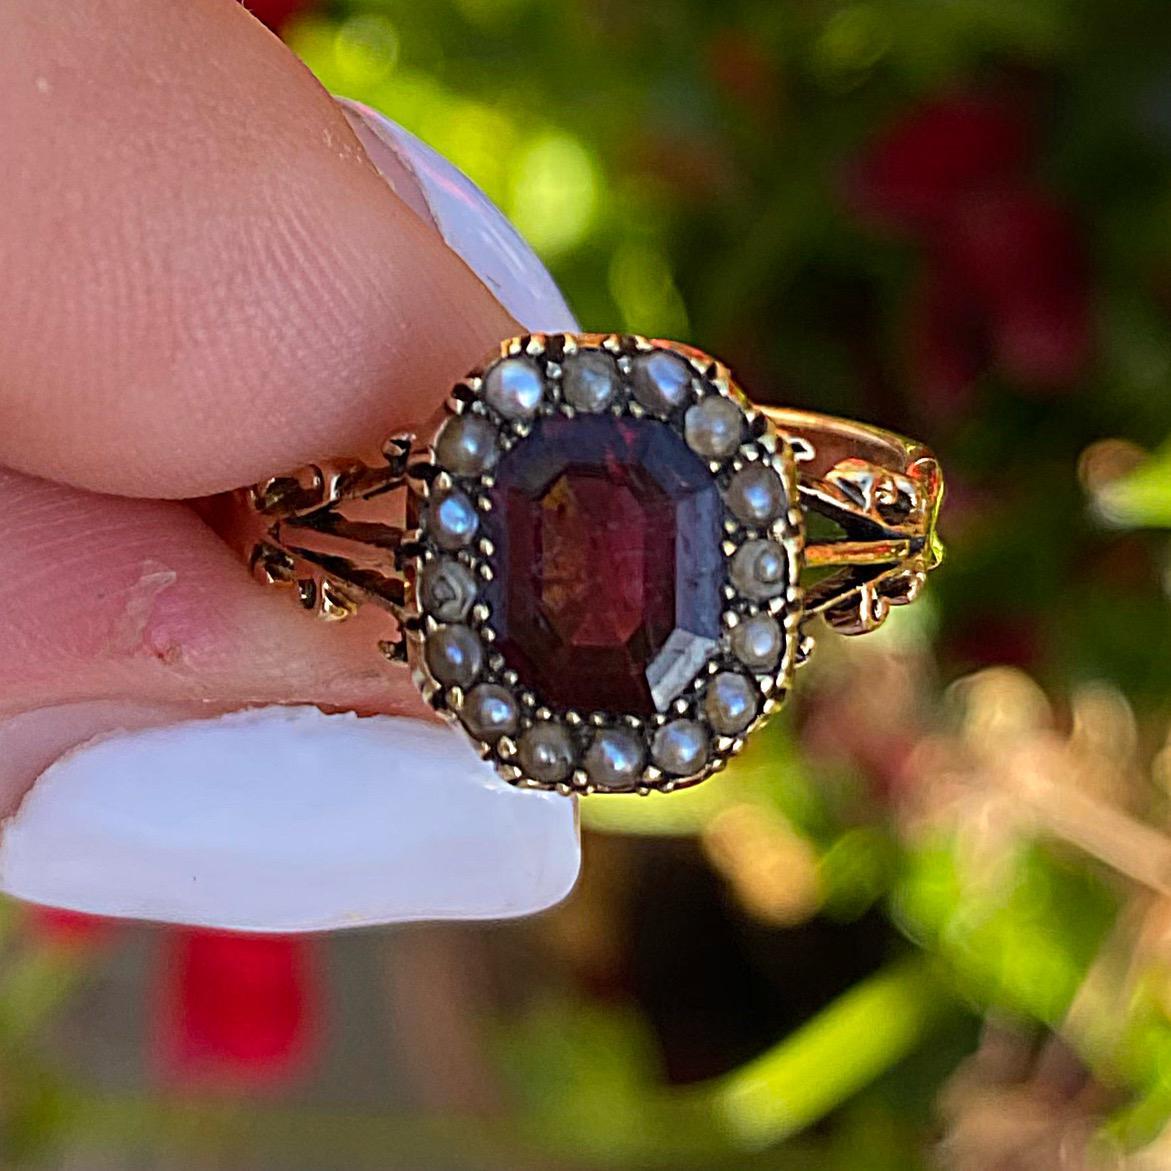 טבעת ויקטוריאנית זהב 15K עם גרנט ופניני ים.